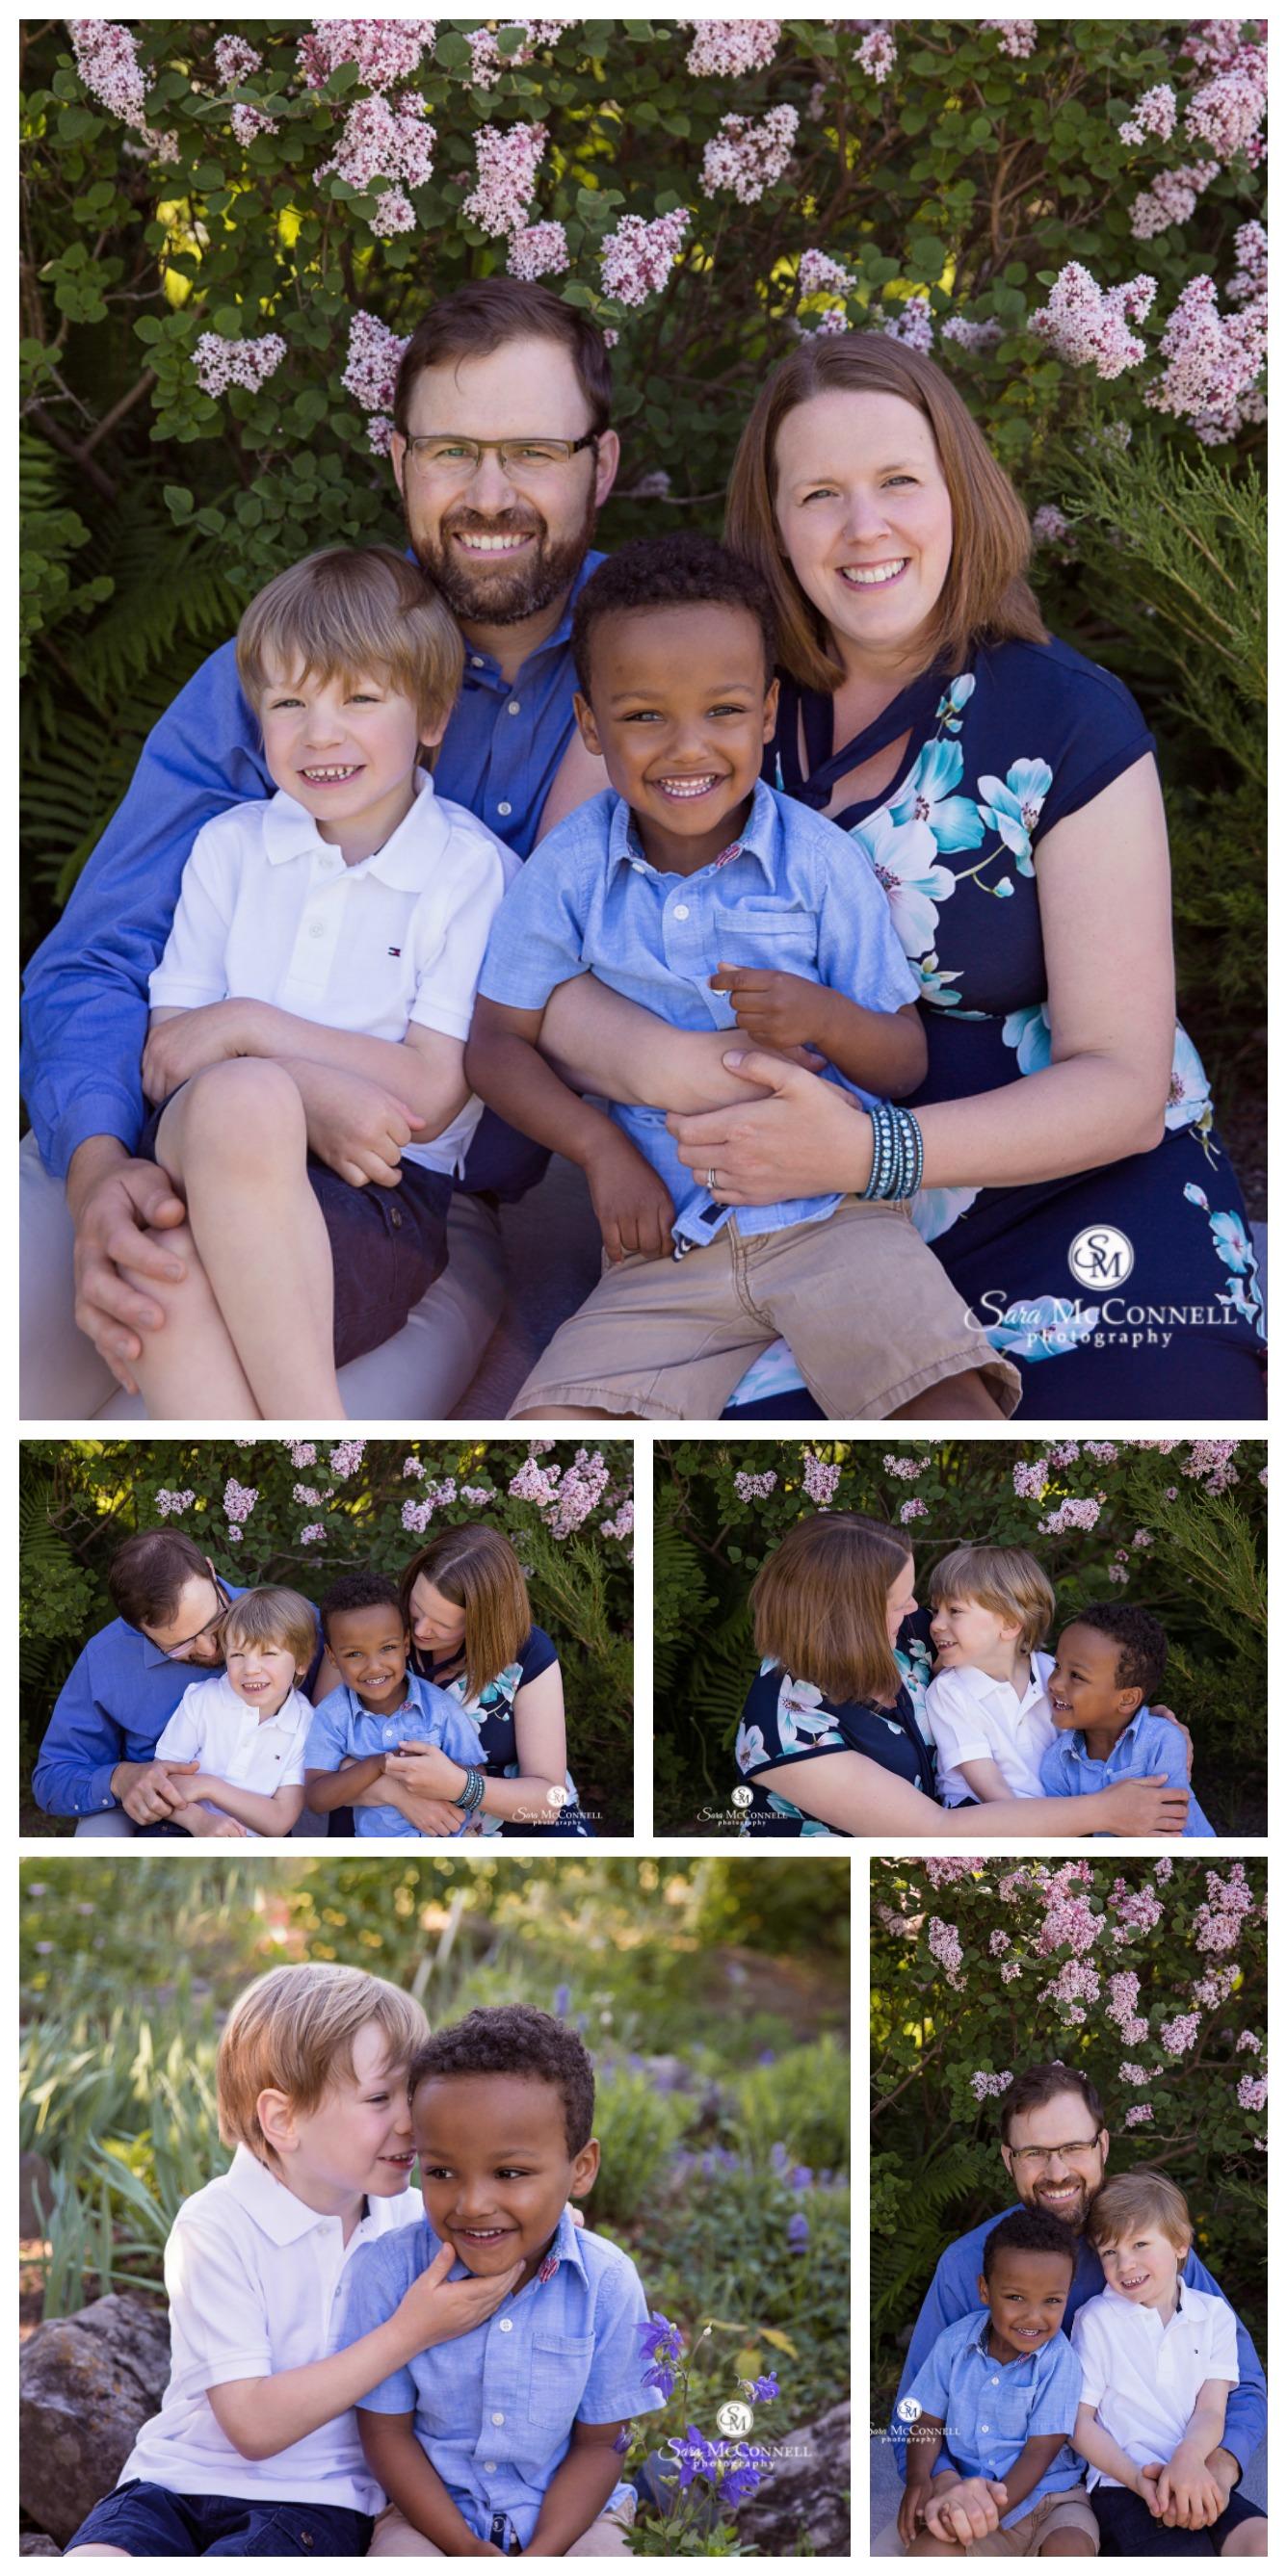 ottawa family photos in the spring